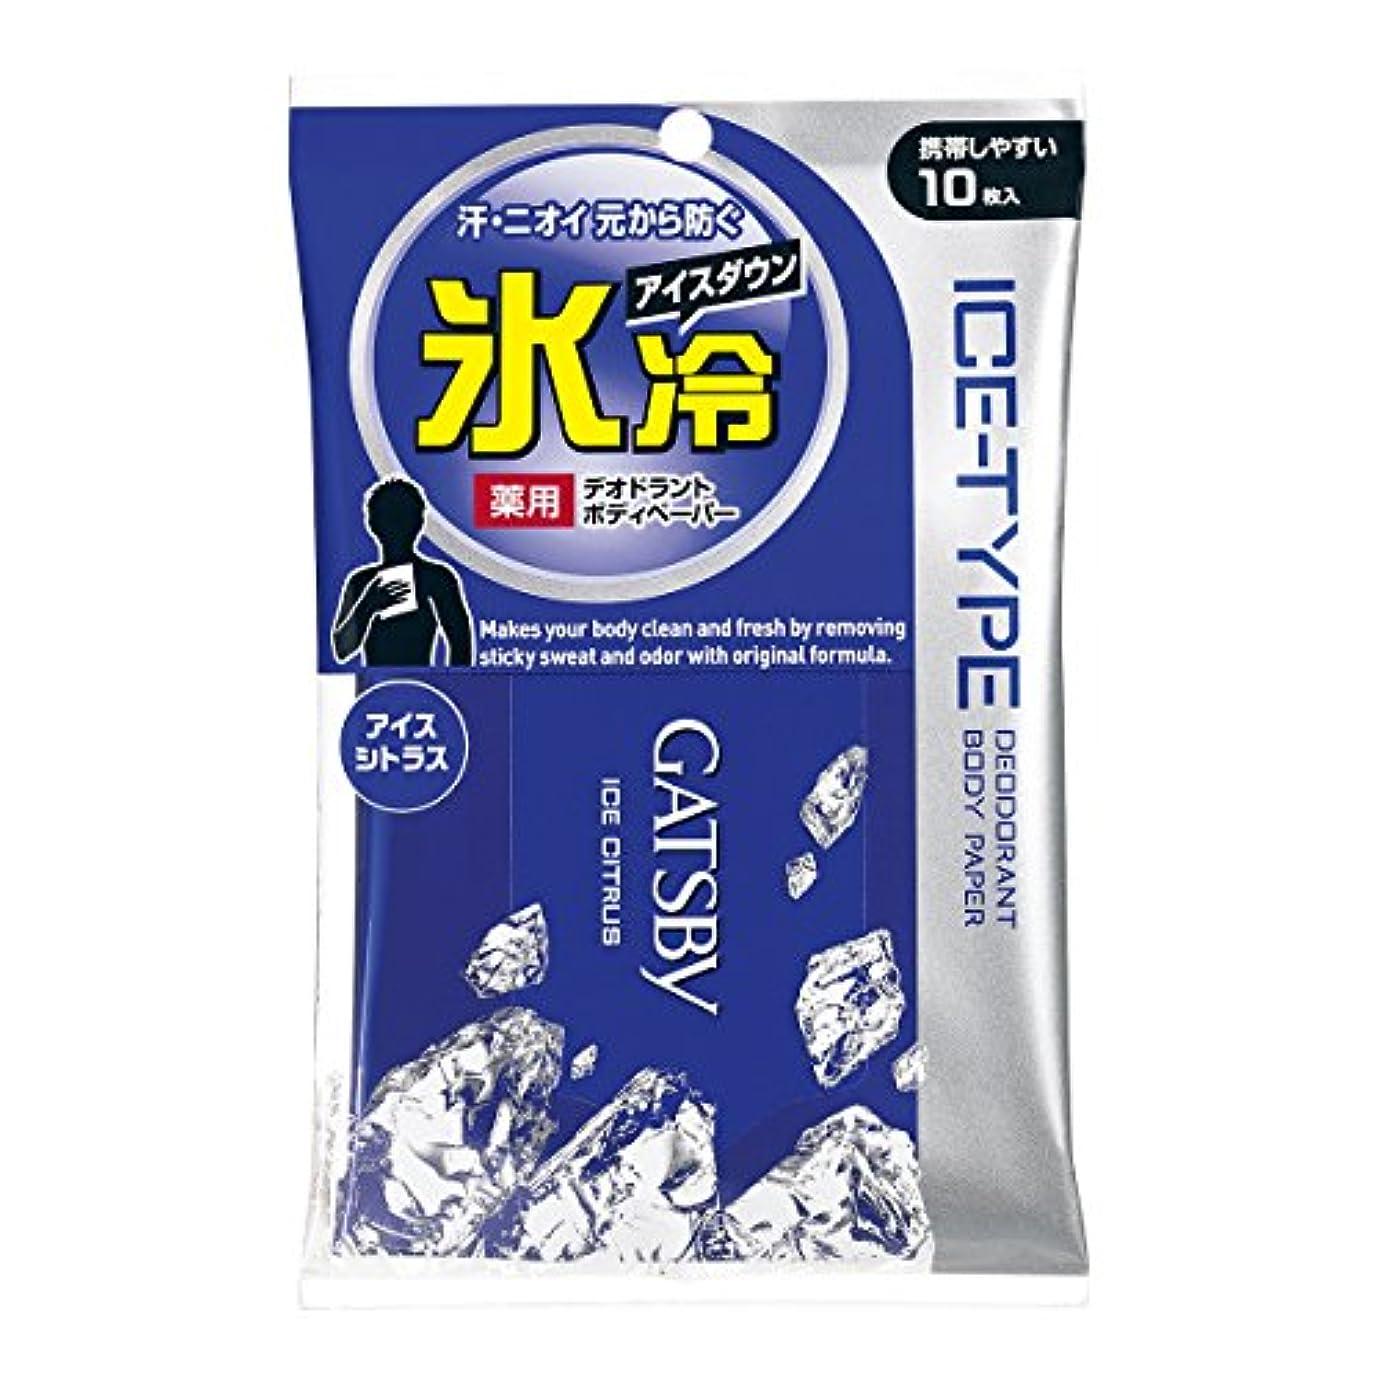 ユーザードレス白いGATSBY(ギャツビー) アイスデオドラント ボディペーパー アイスシトラス 10枚 (医薬部外品)